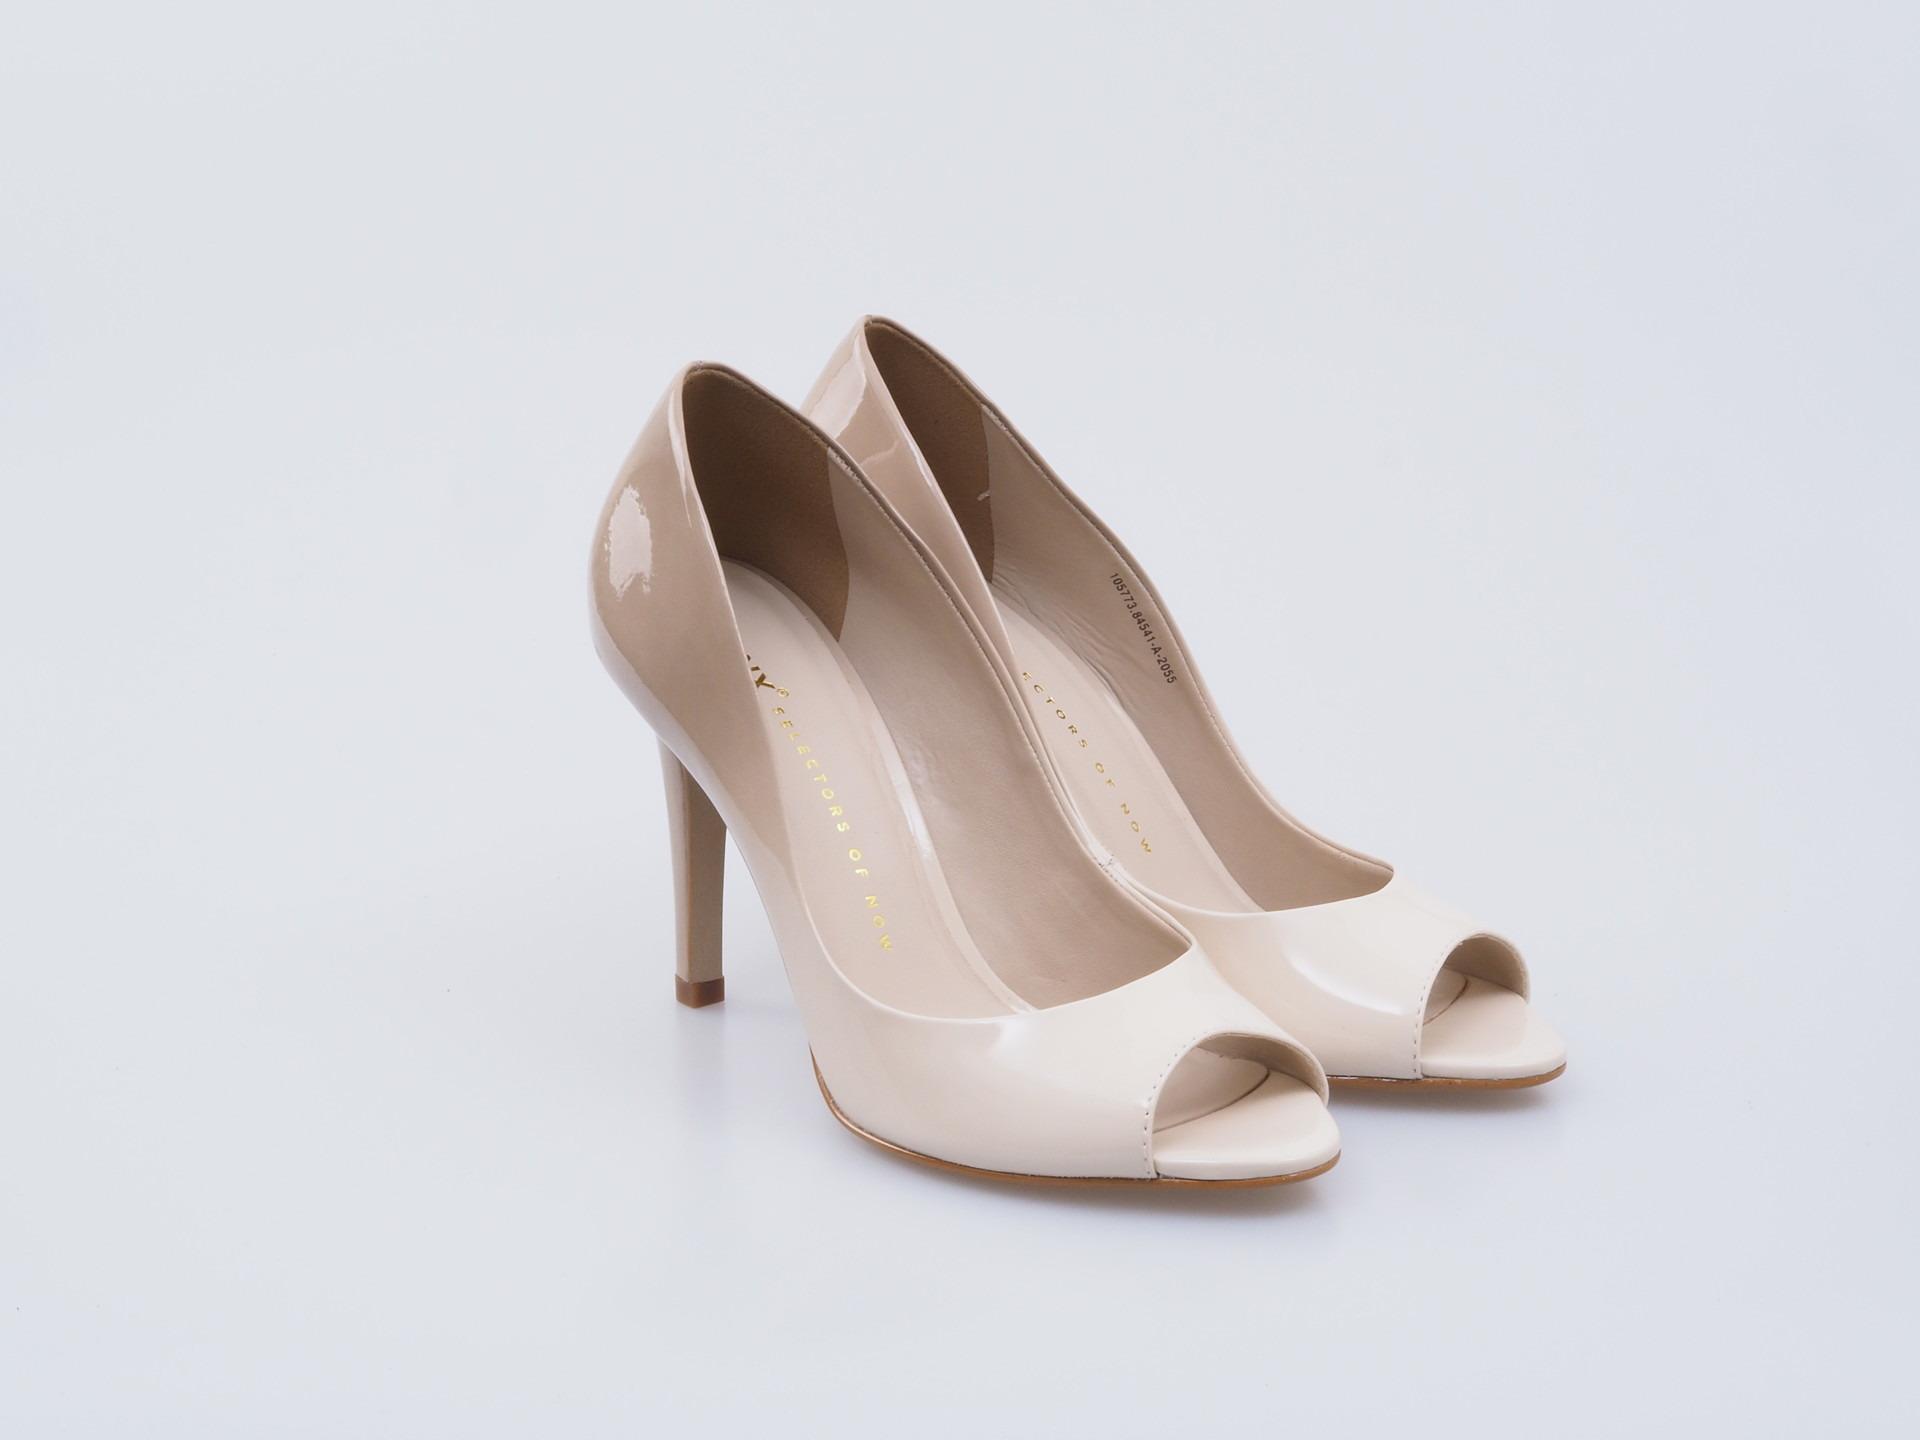 1488e46b4cb4 Soňa - Dámska obuv - Lodičky - Bronx dámska spoločenská obuv biela káva